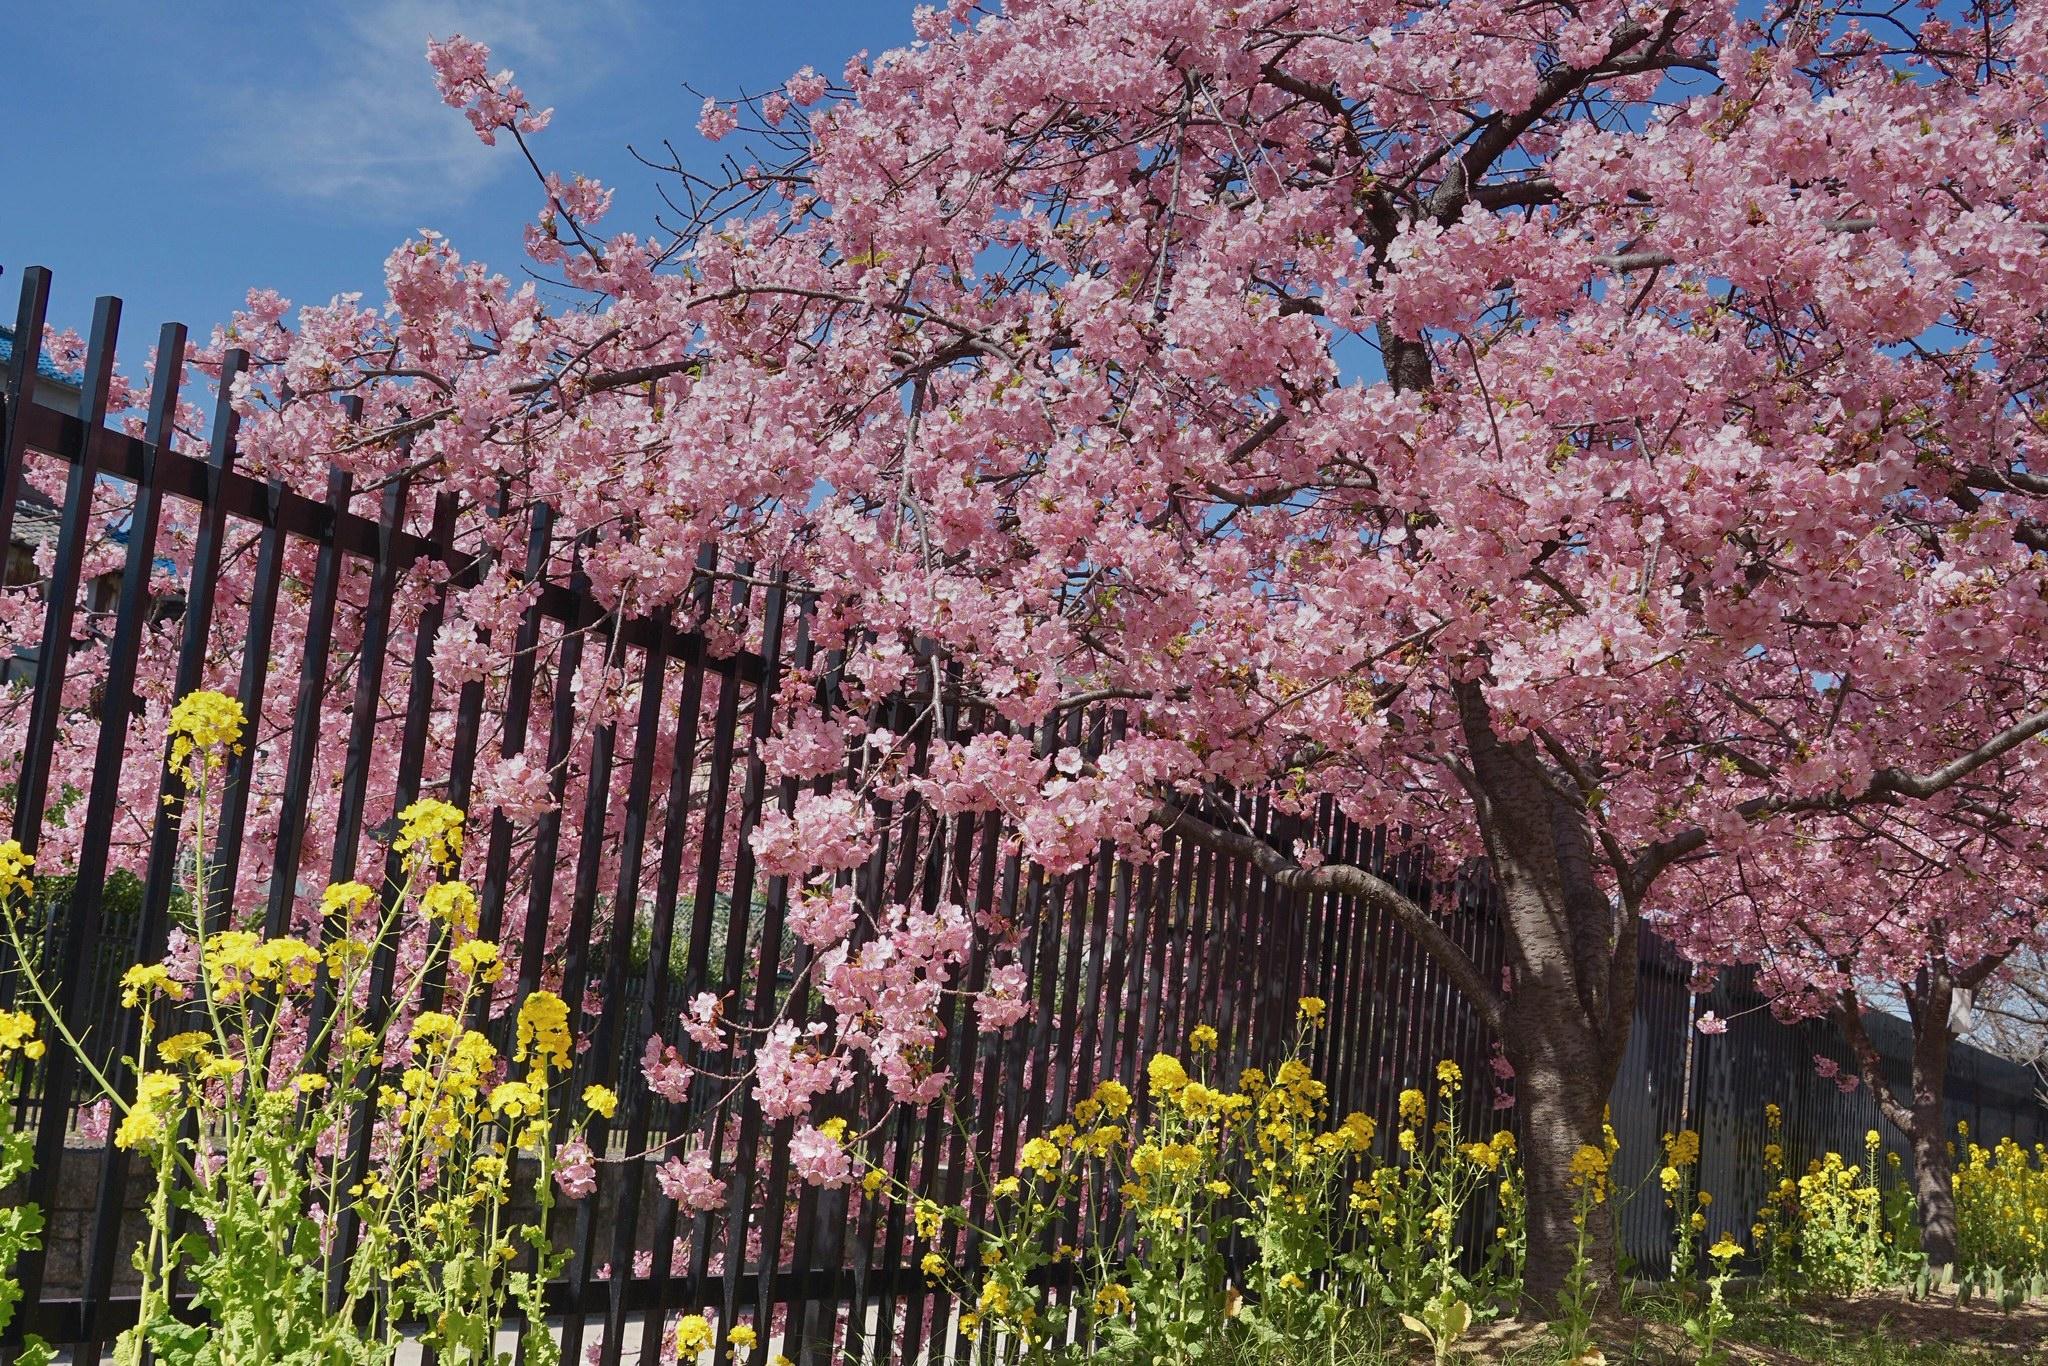 京都早春绝佳赏樱地--伏见淀水路